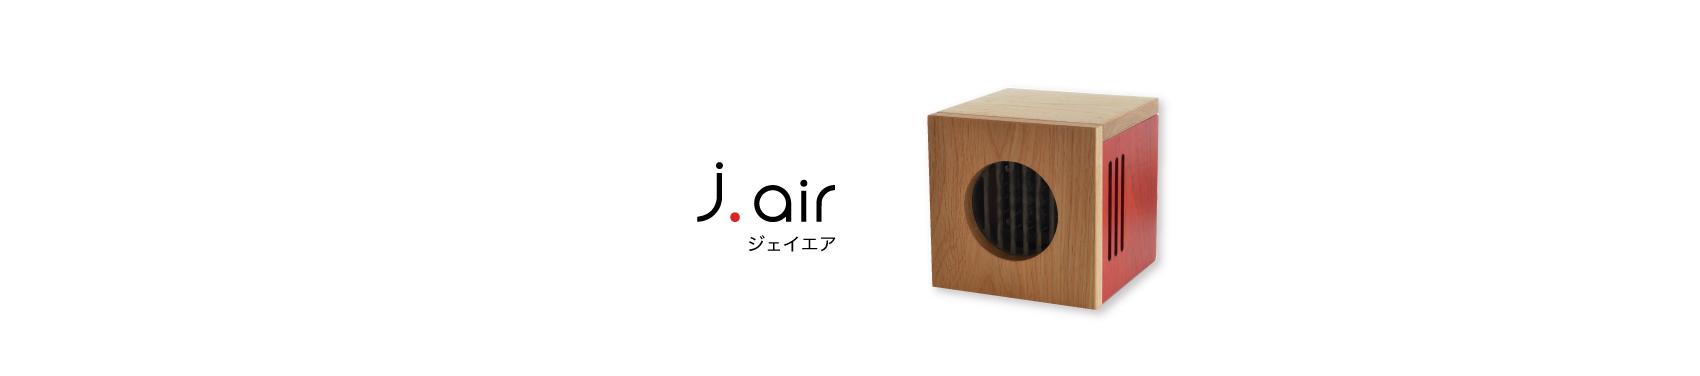 J.air